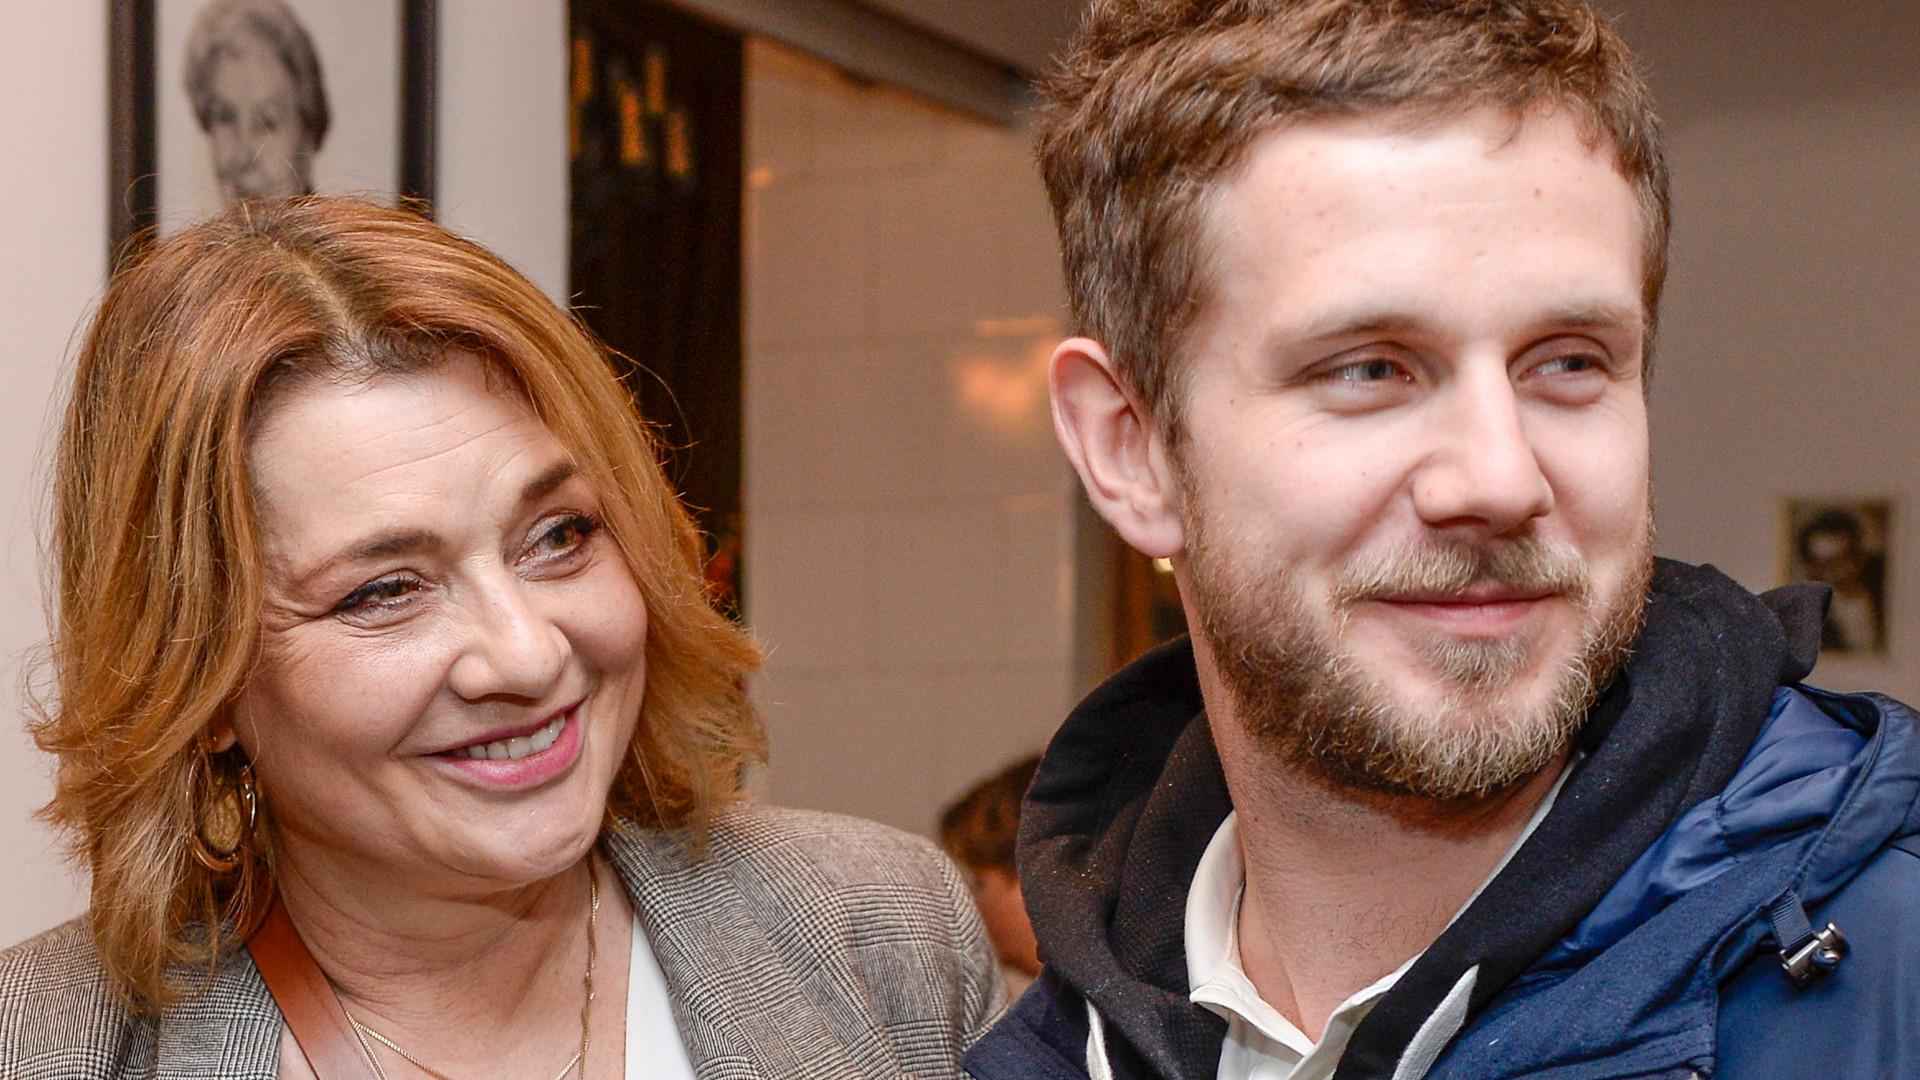 Antek Królikowski i jego mama pokazali, jak spędzają czas w domu z całą rodziną